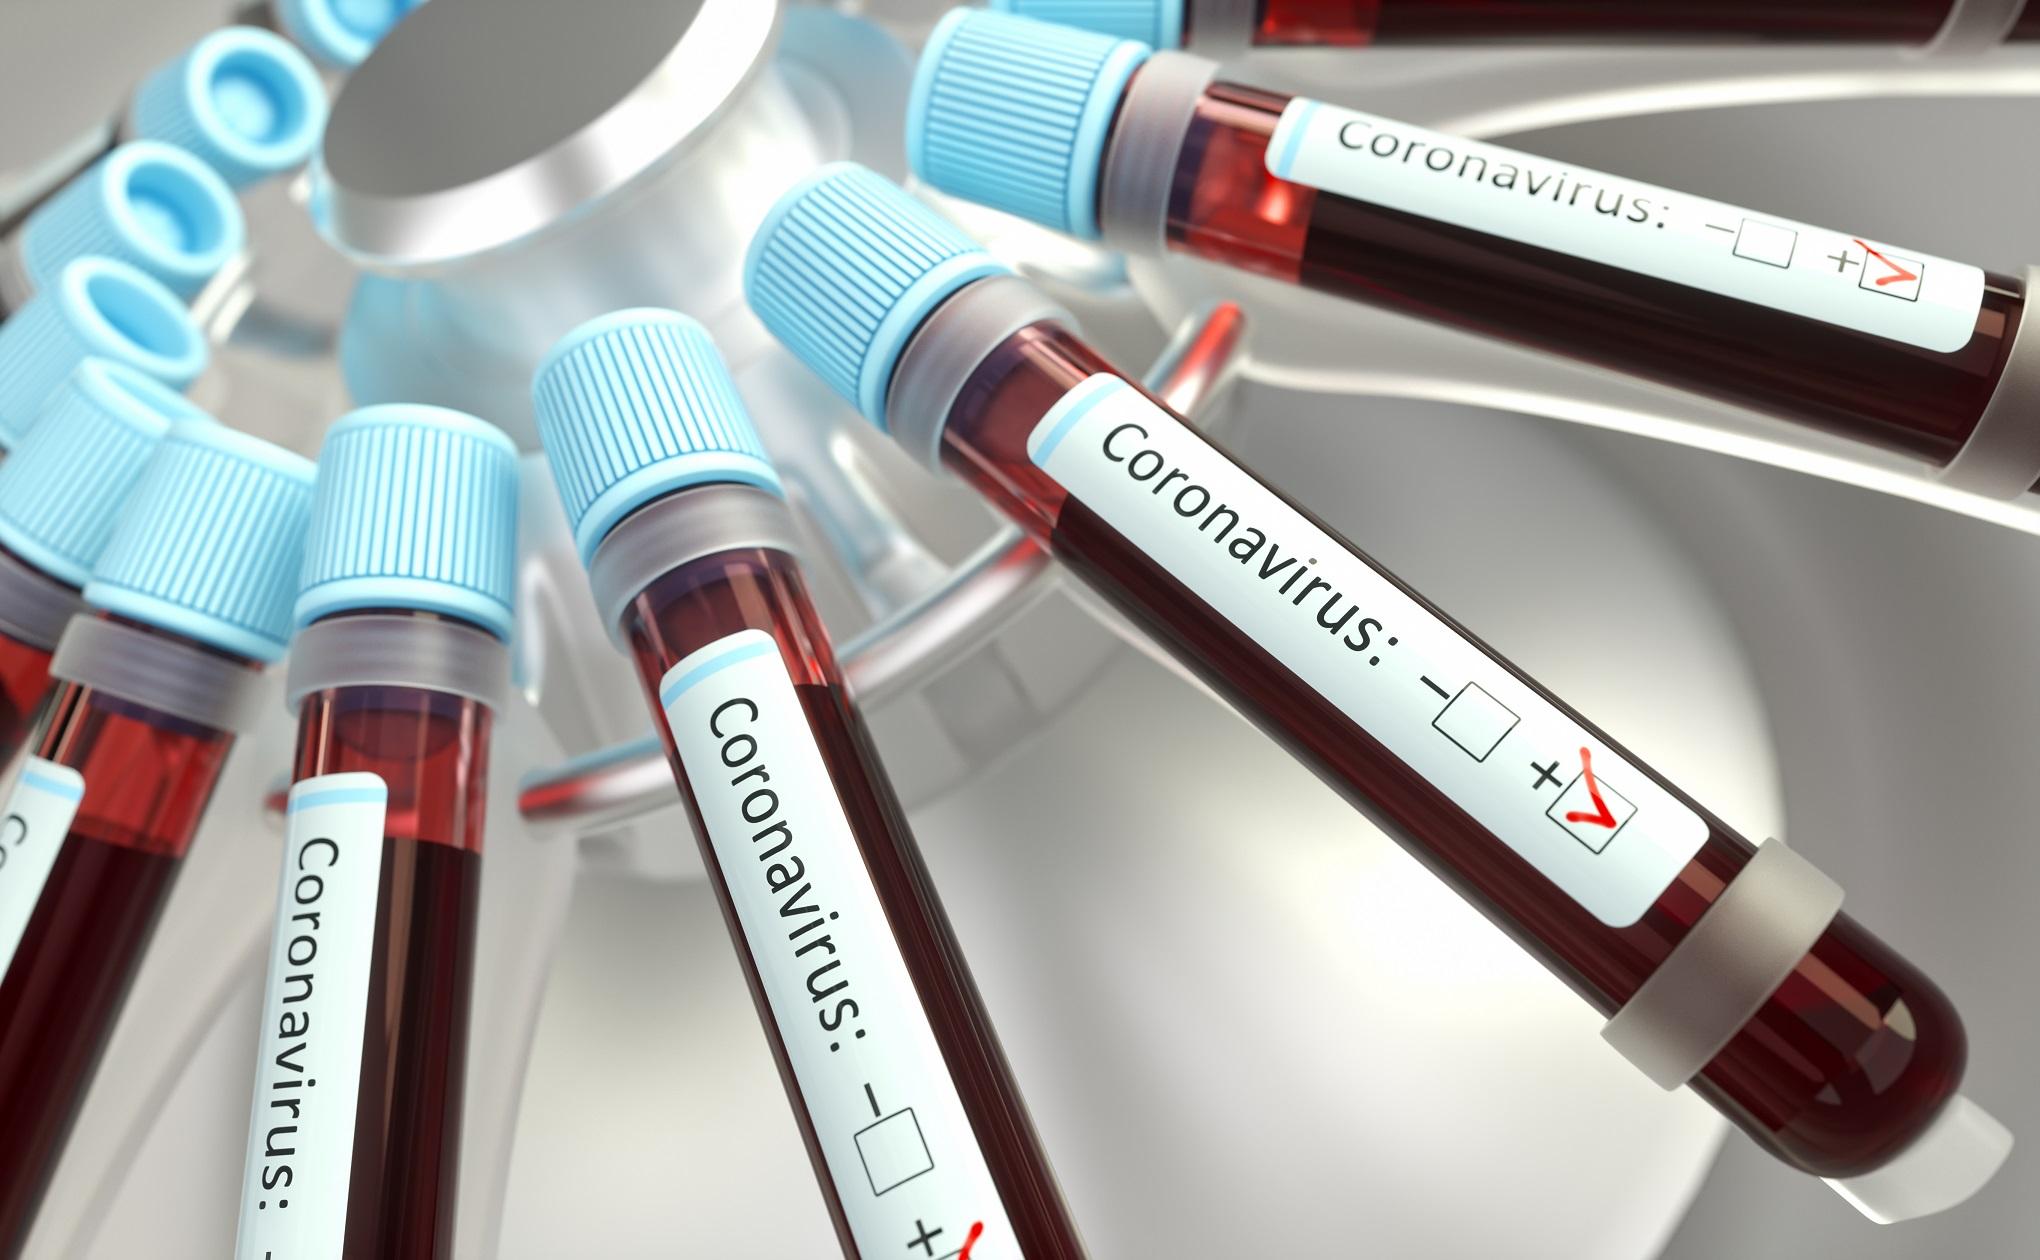 Италия вводит налоговые льготы для смягчения экономической ситуации в связи с коронавирусом